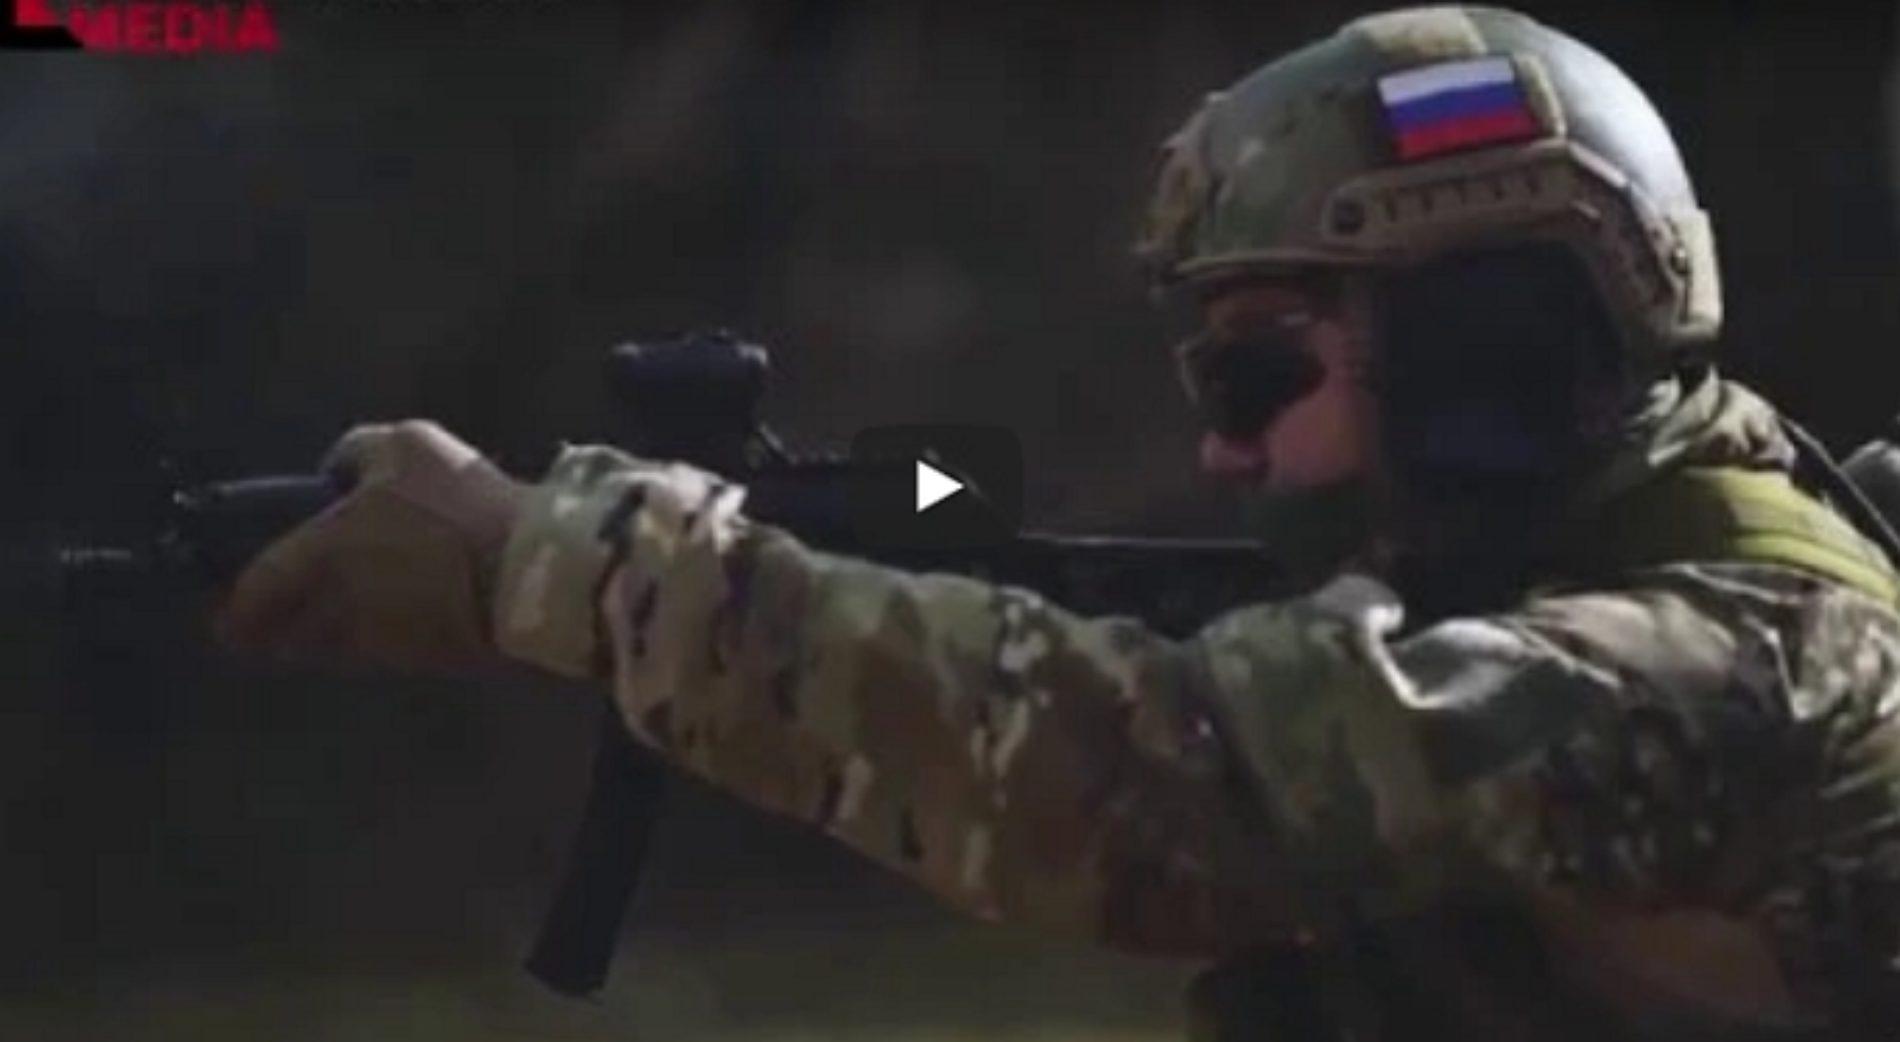 Fuerzas Especiales rusas haciendo una demostración con fuego real